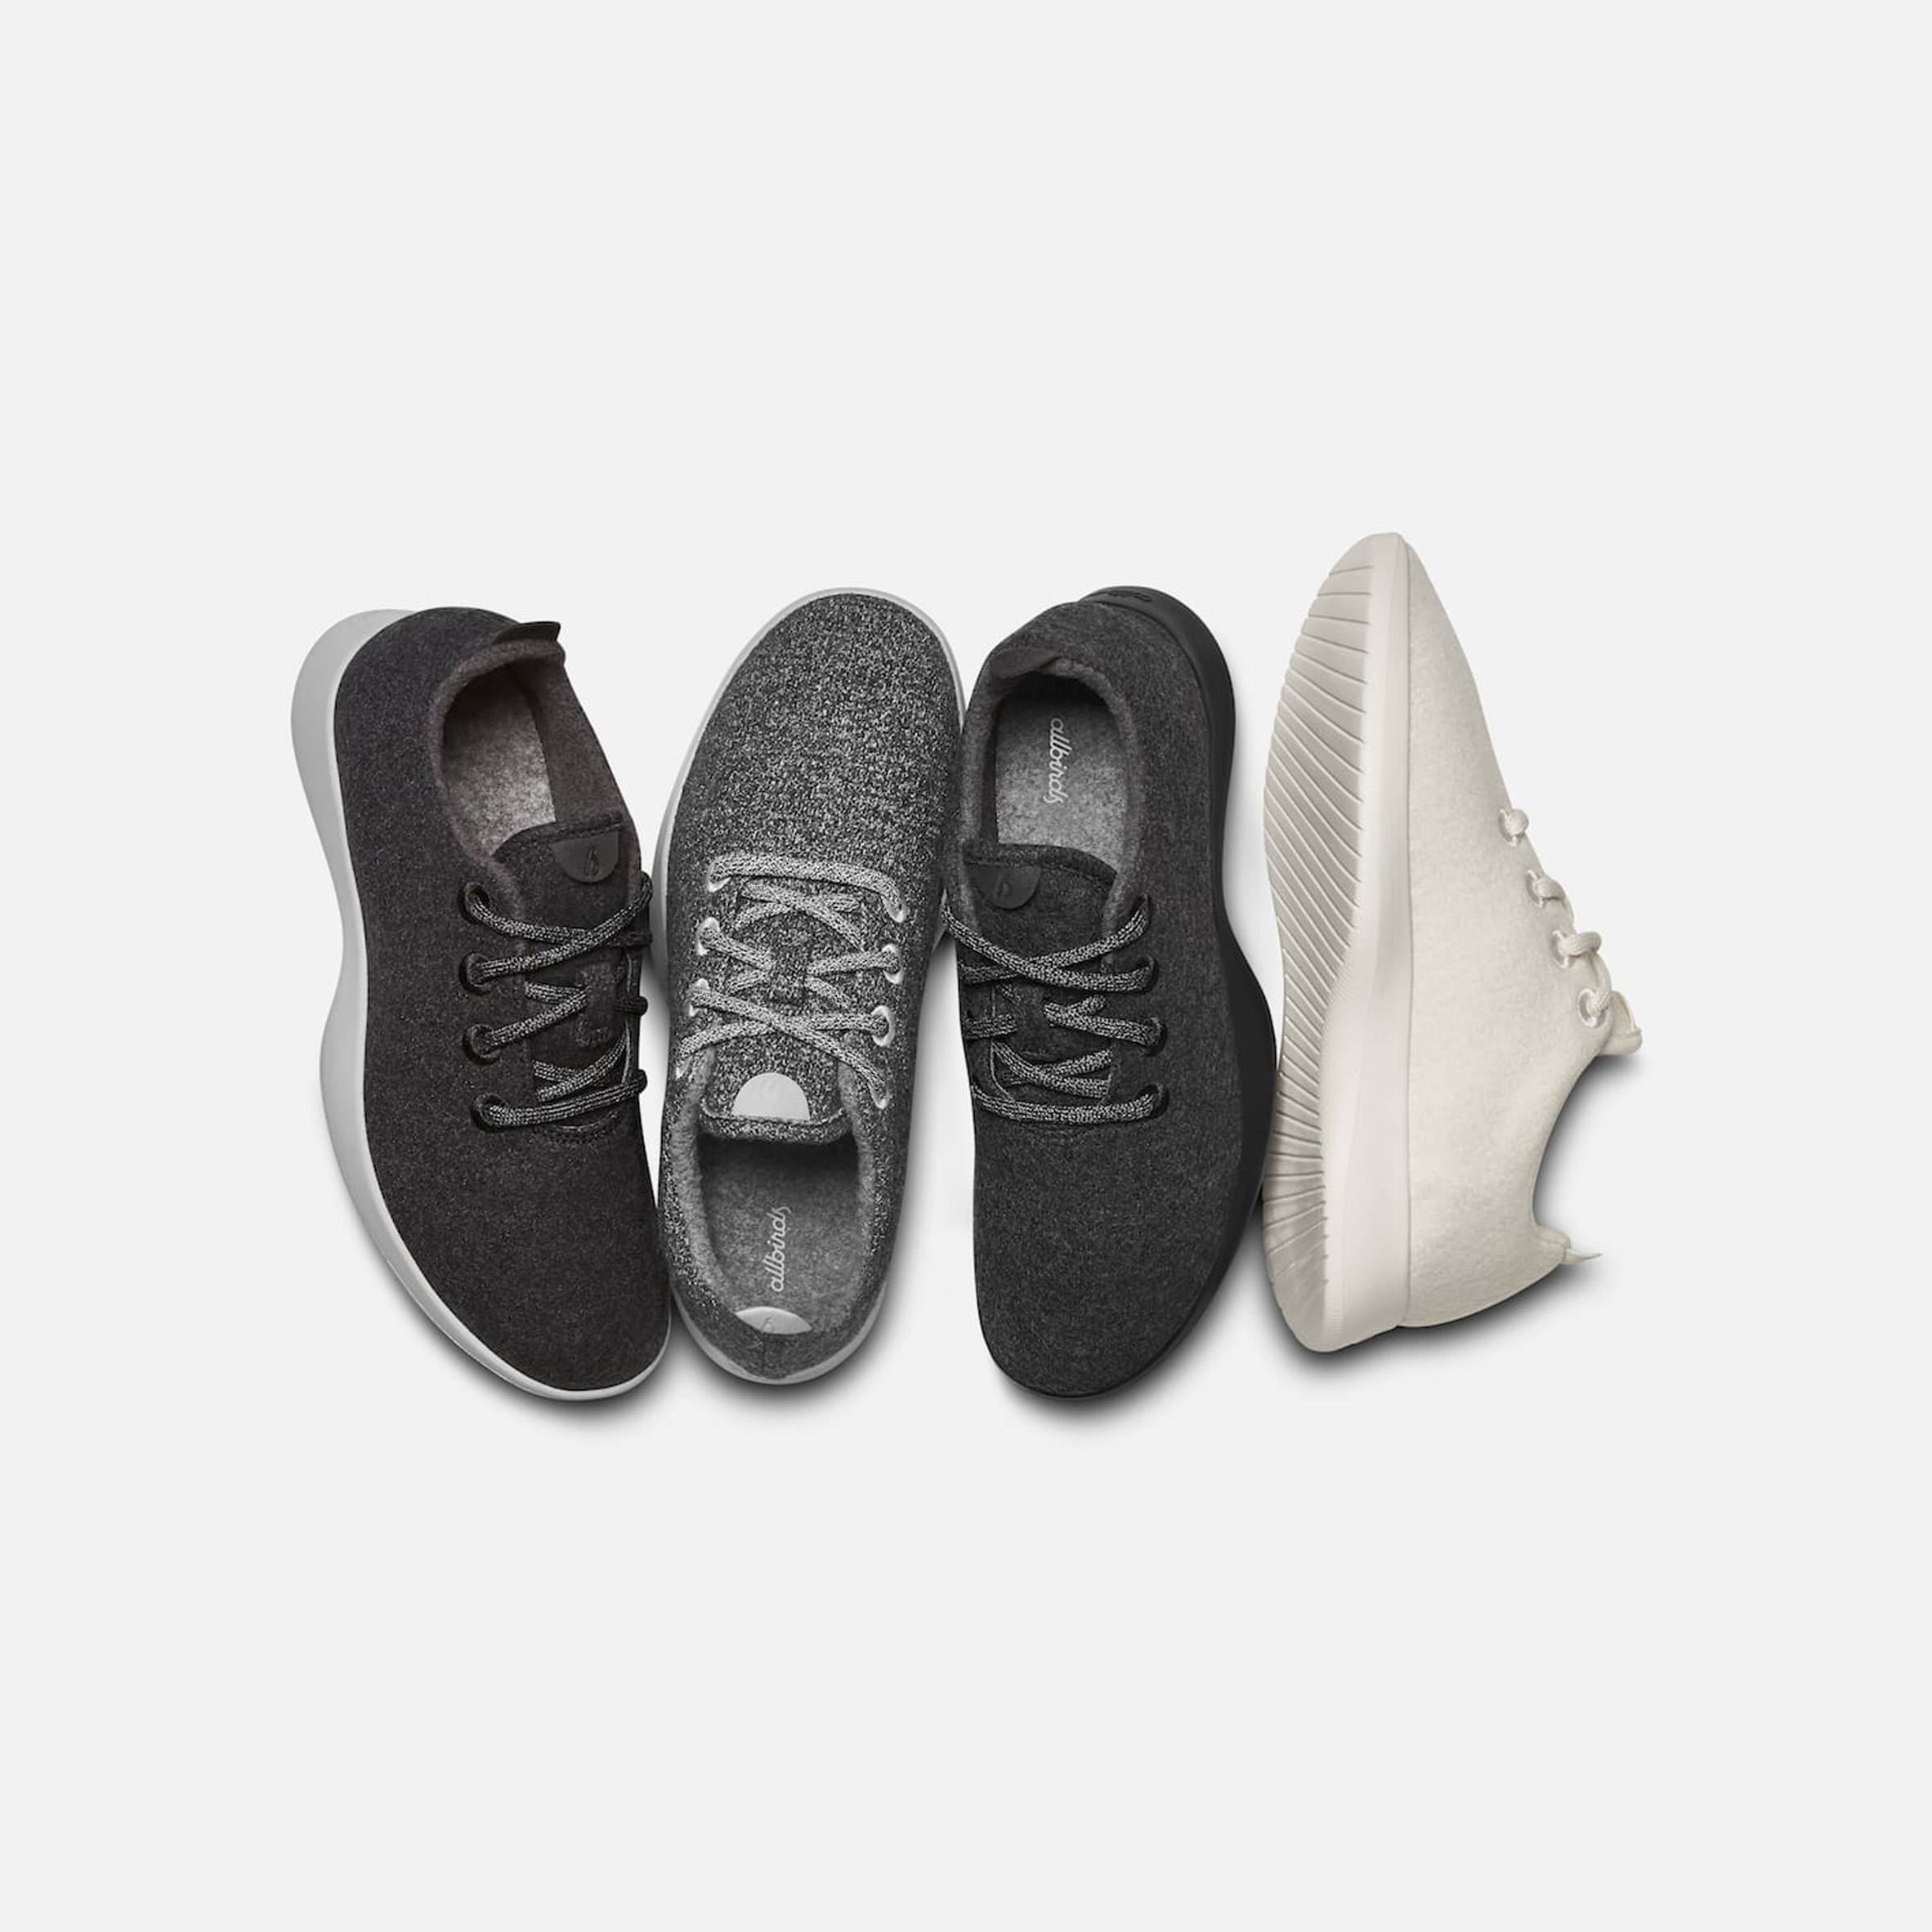 世界上最舒服的鞋只賣千元不到,靠好奇心發大財的Allbirds美國運動鞋品牌